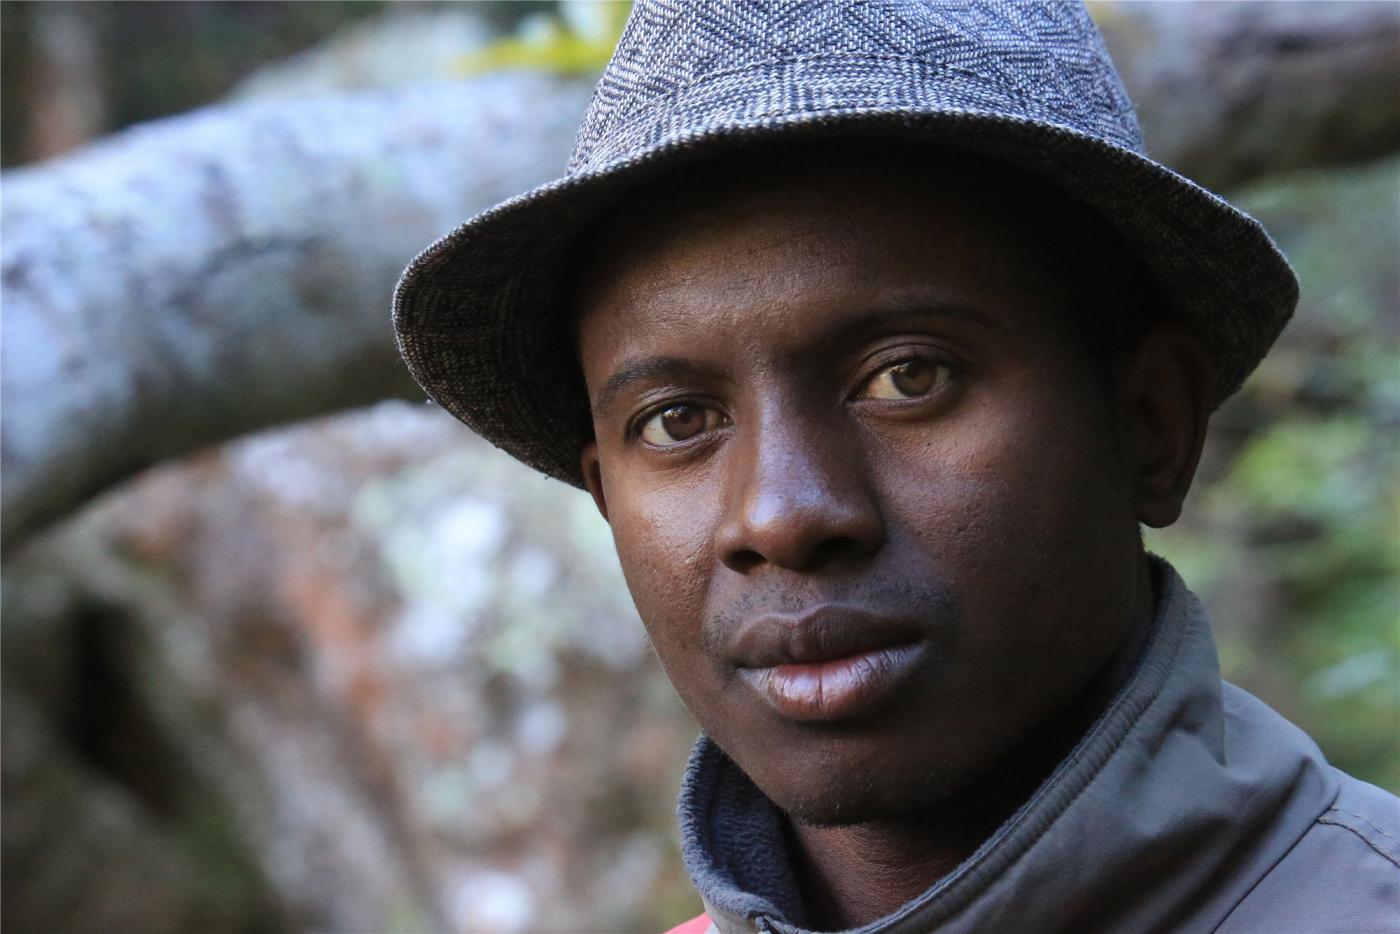 【原创实拍】黑色脸谱  ——行摄南部非洲(人像篇)_图1-14